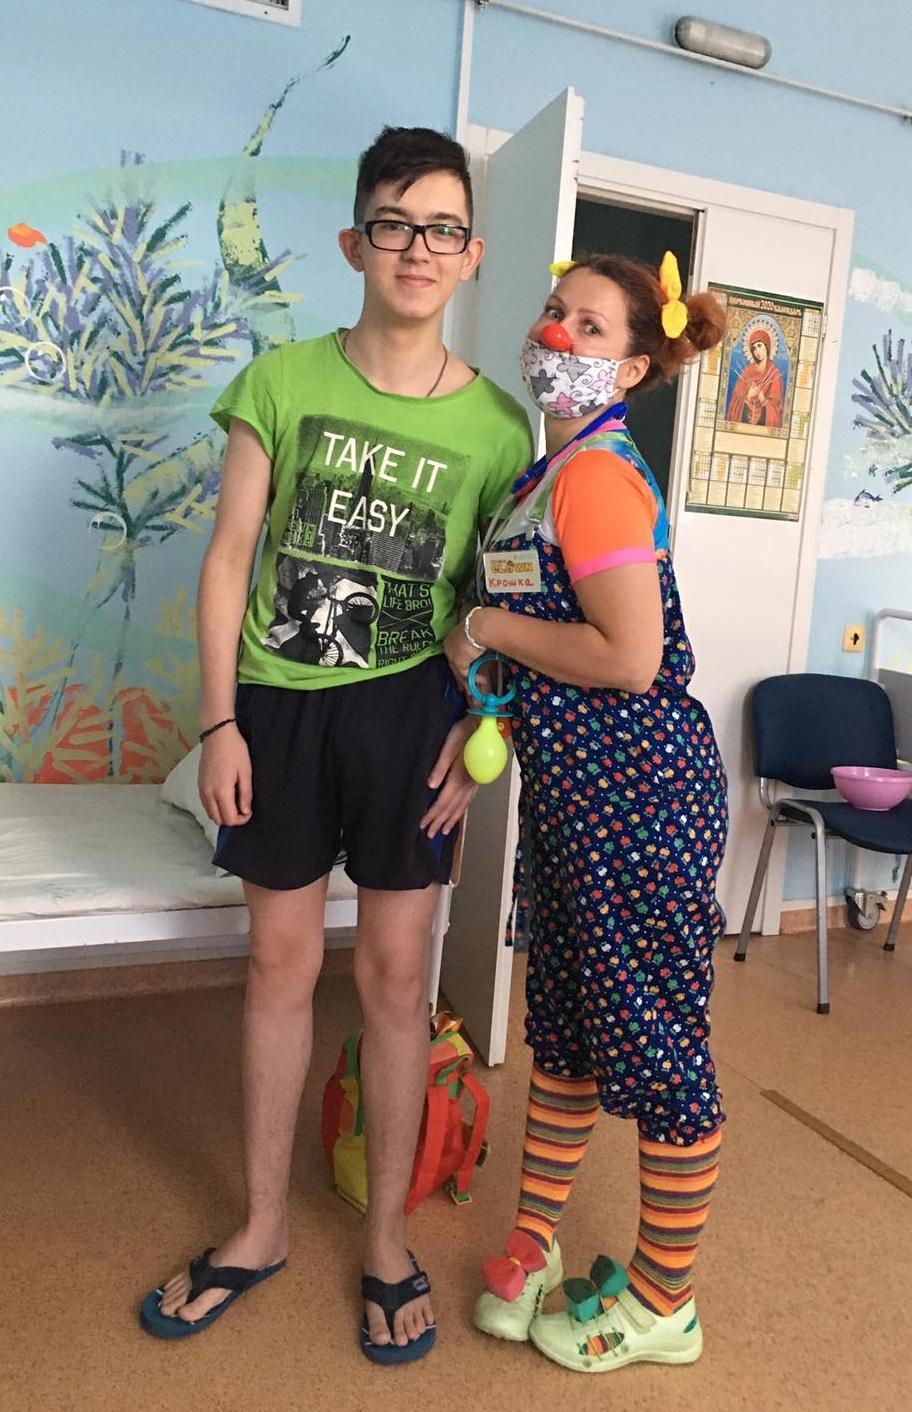 Юноша, проходящий лечение в онкологии Областной детской больницы, нуждается в нашей помощи